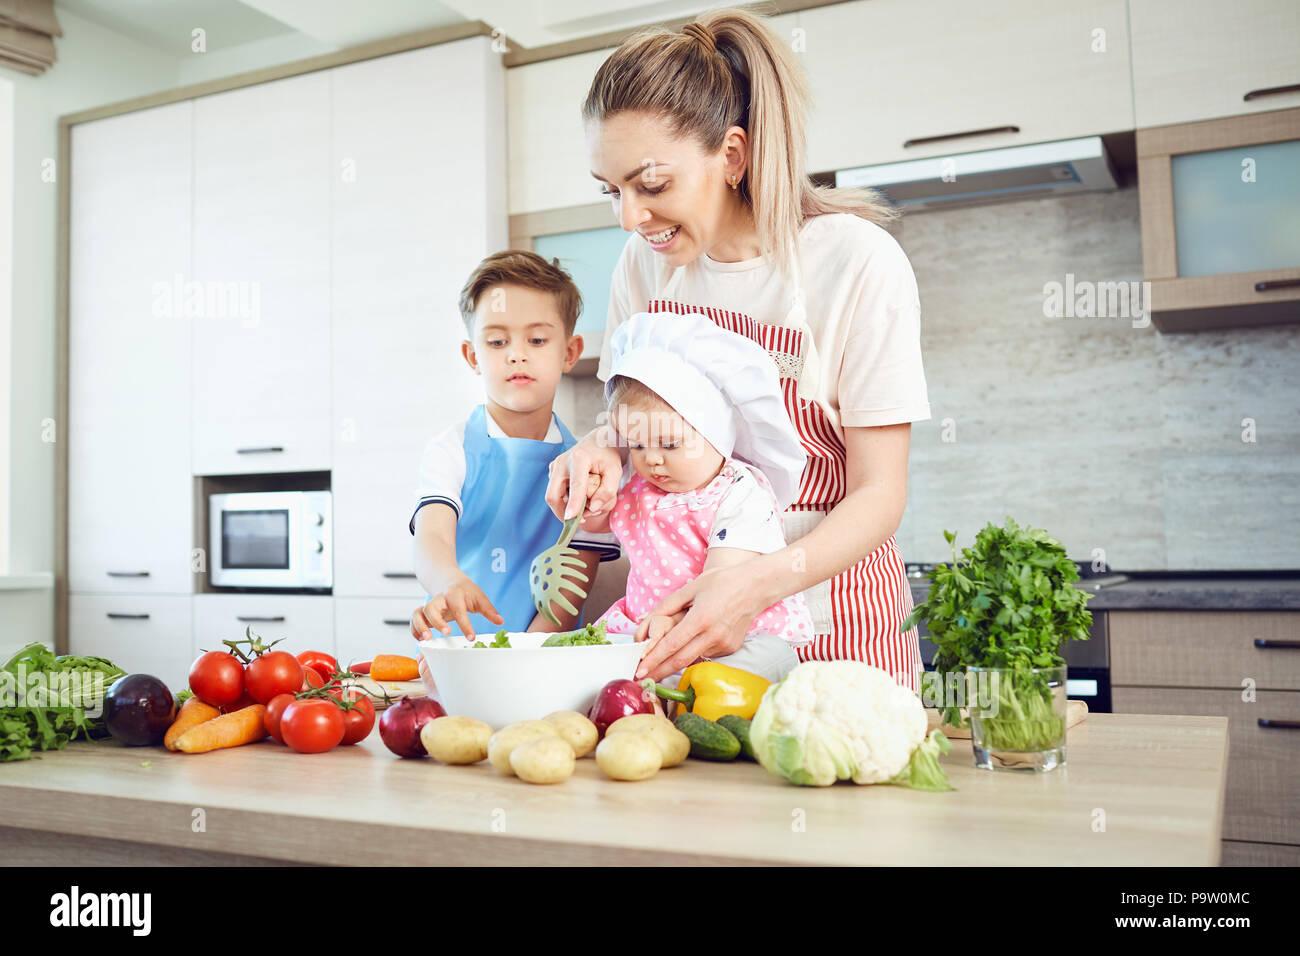 La madre y los hijos se cocina en la cocina Imagen De Stock